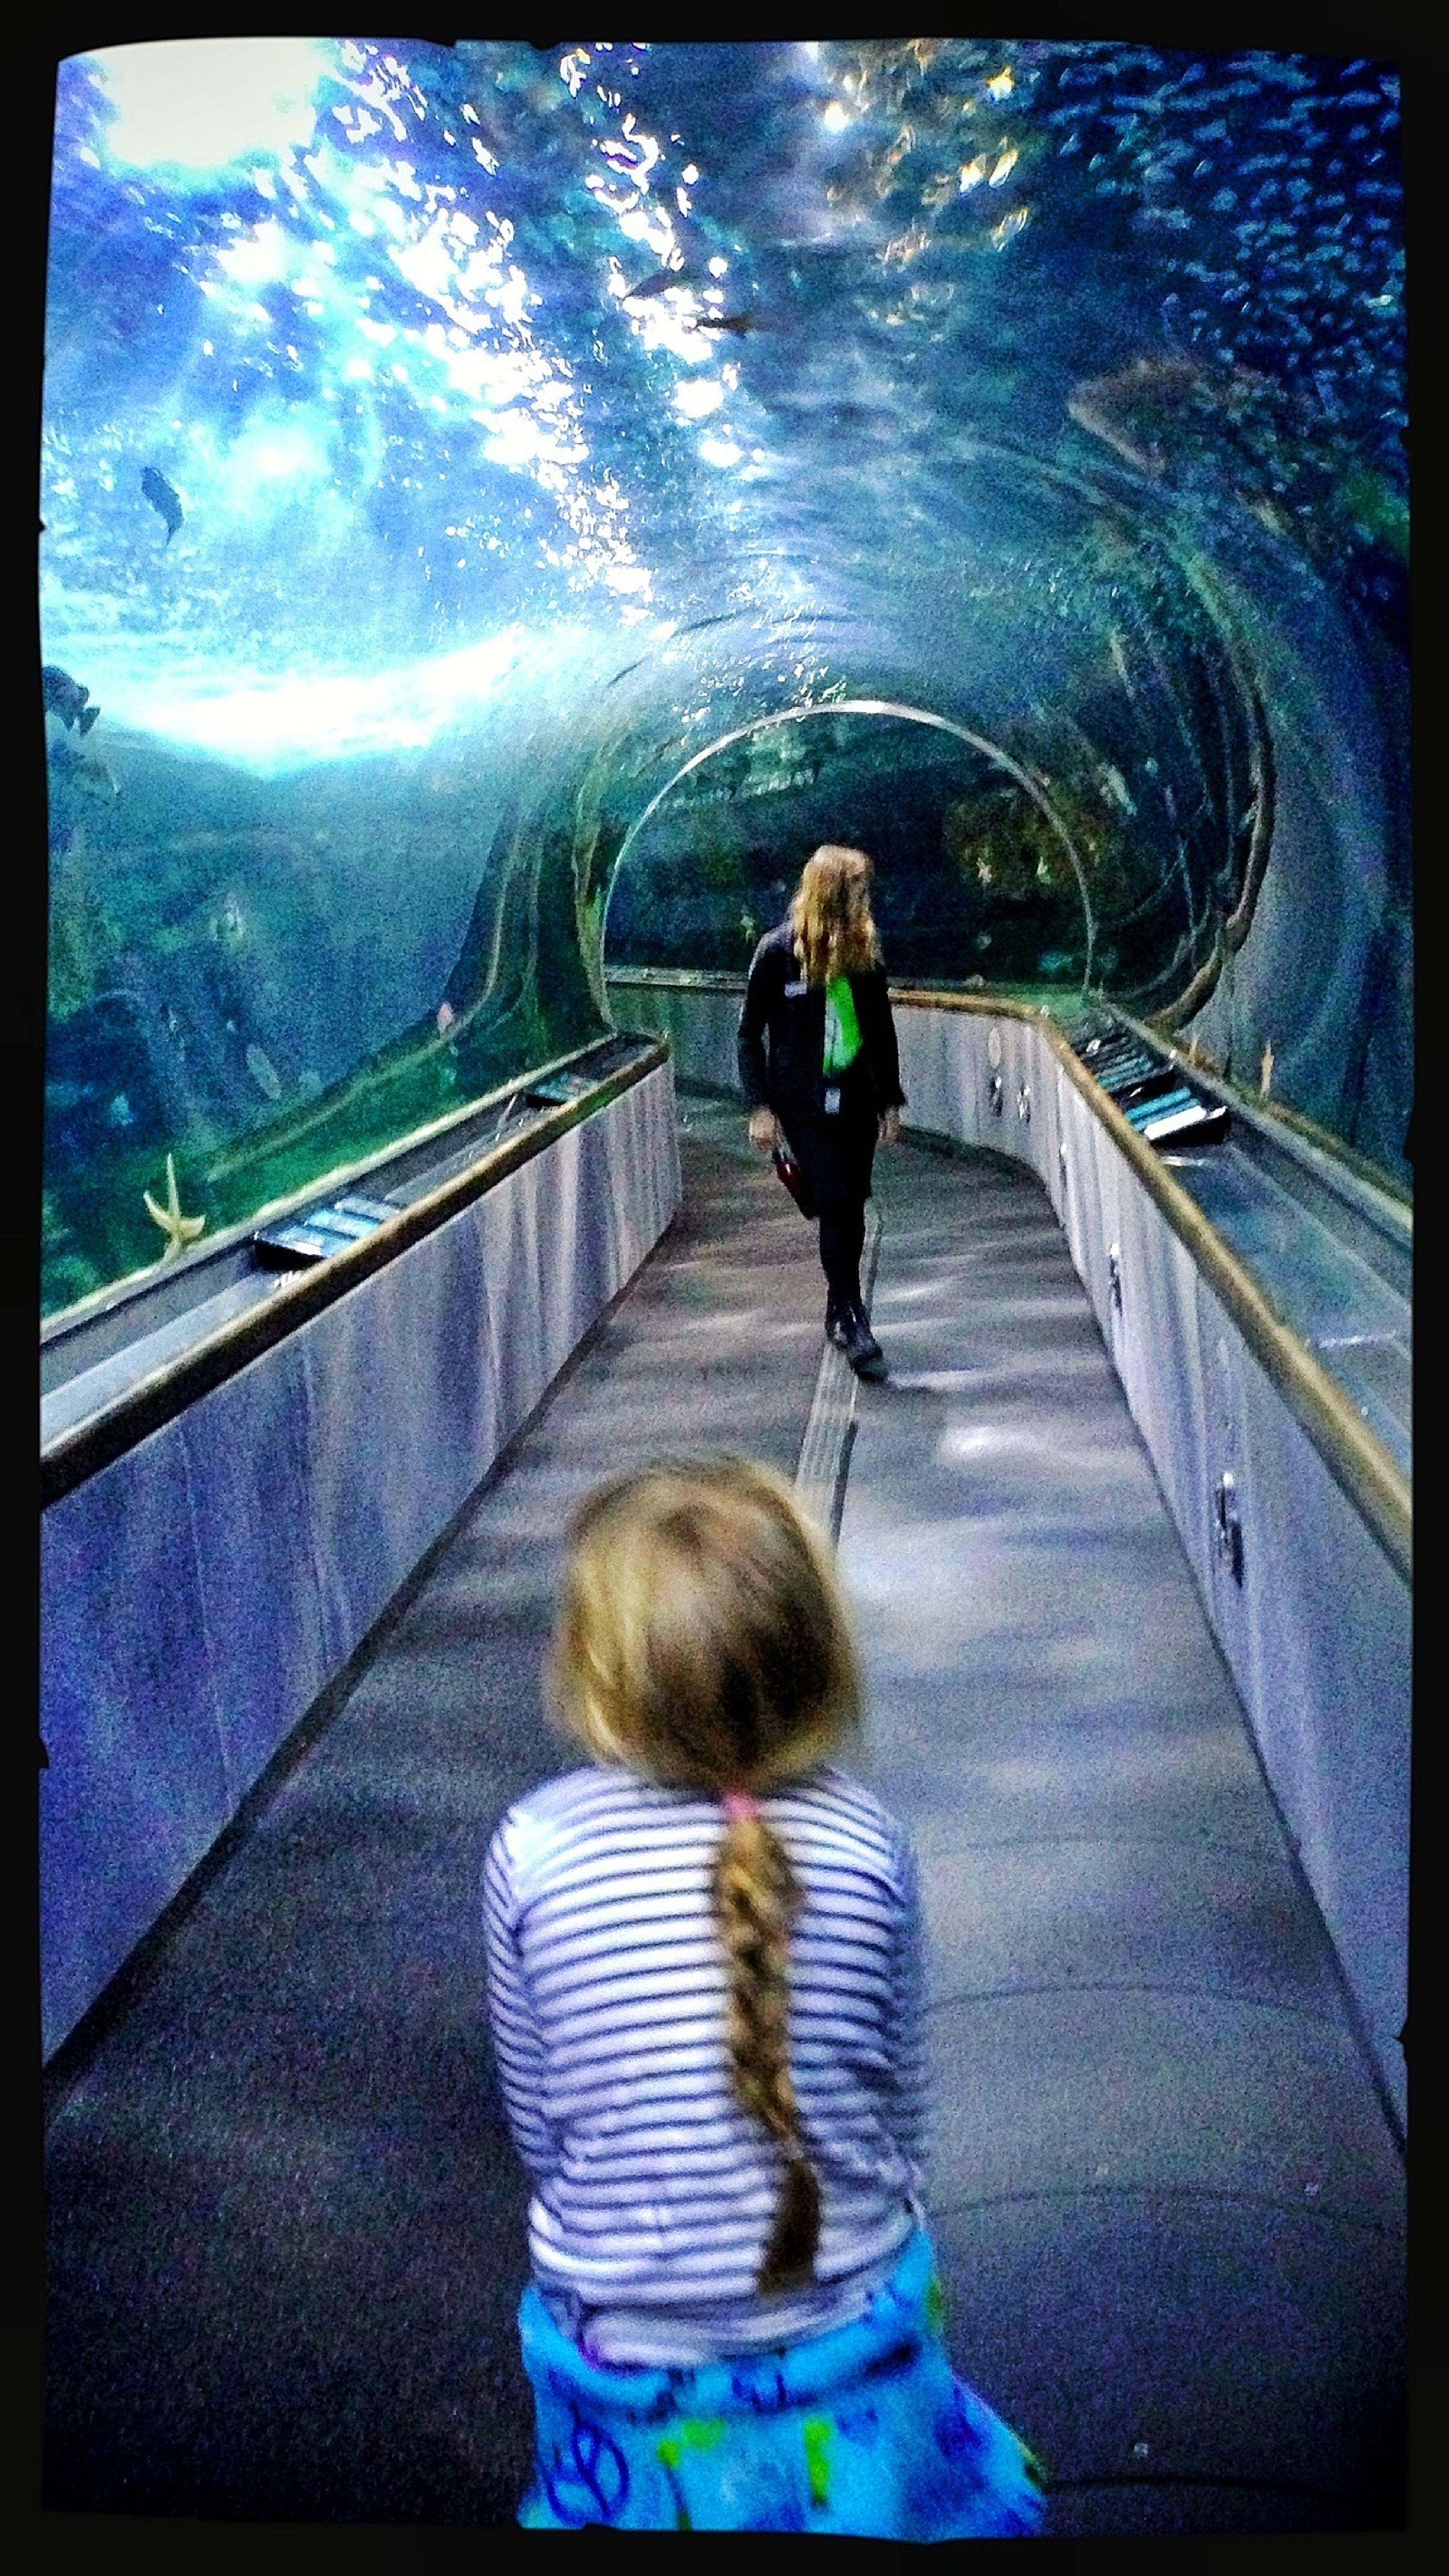 Aquarium Taking Photos Tunnel Colorful